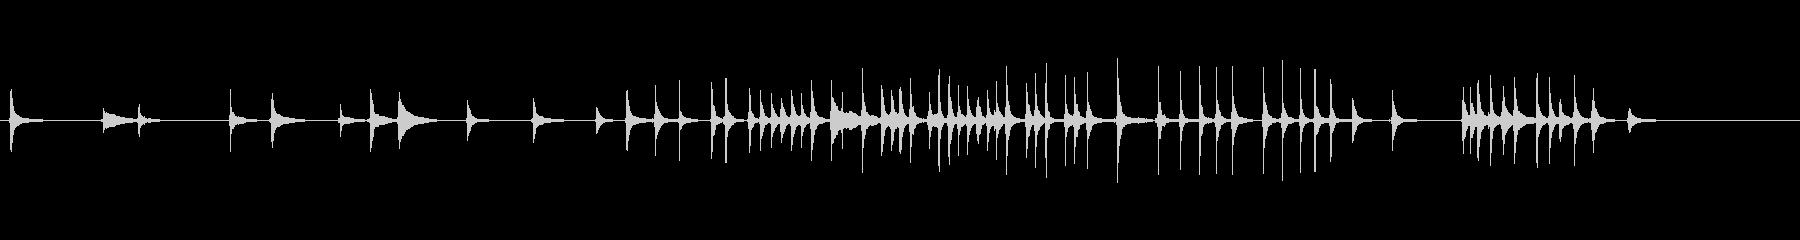 三味線39娘道成寺18日本式レビューショの未再生の波形